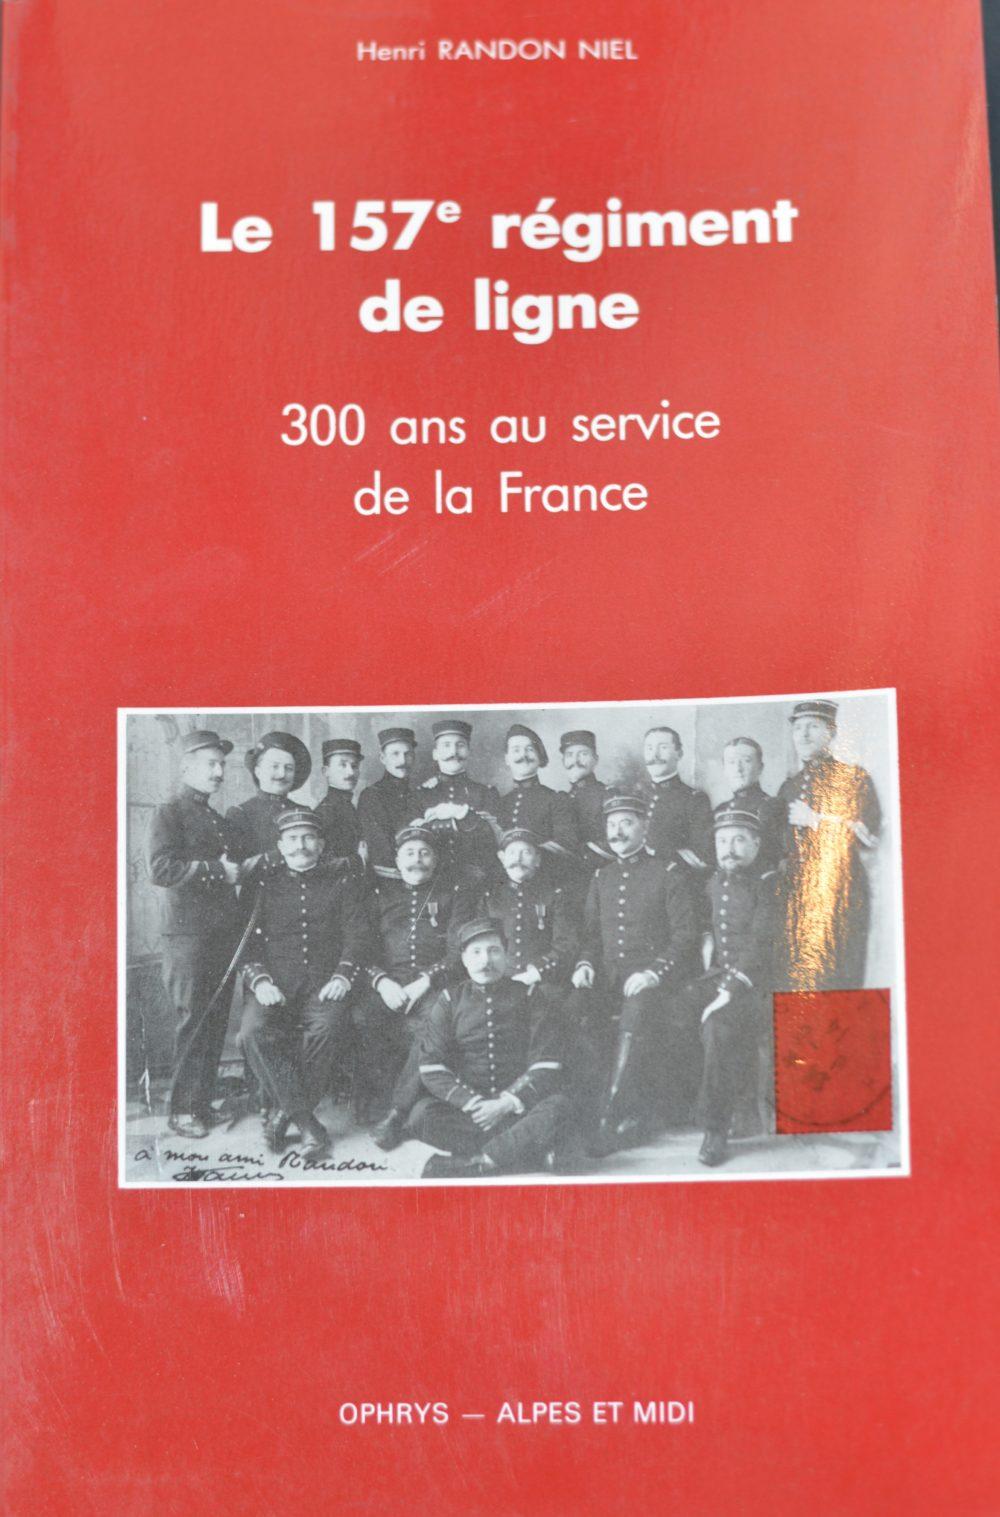 Le 157e régiment de ligne